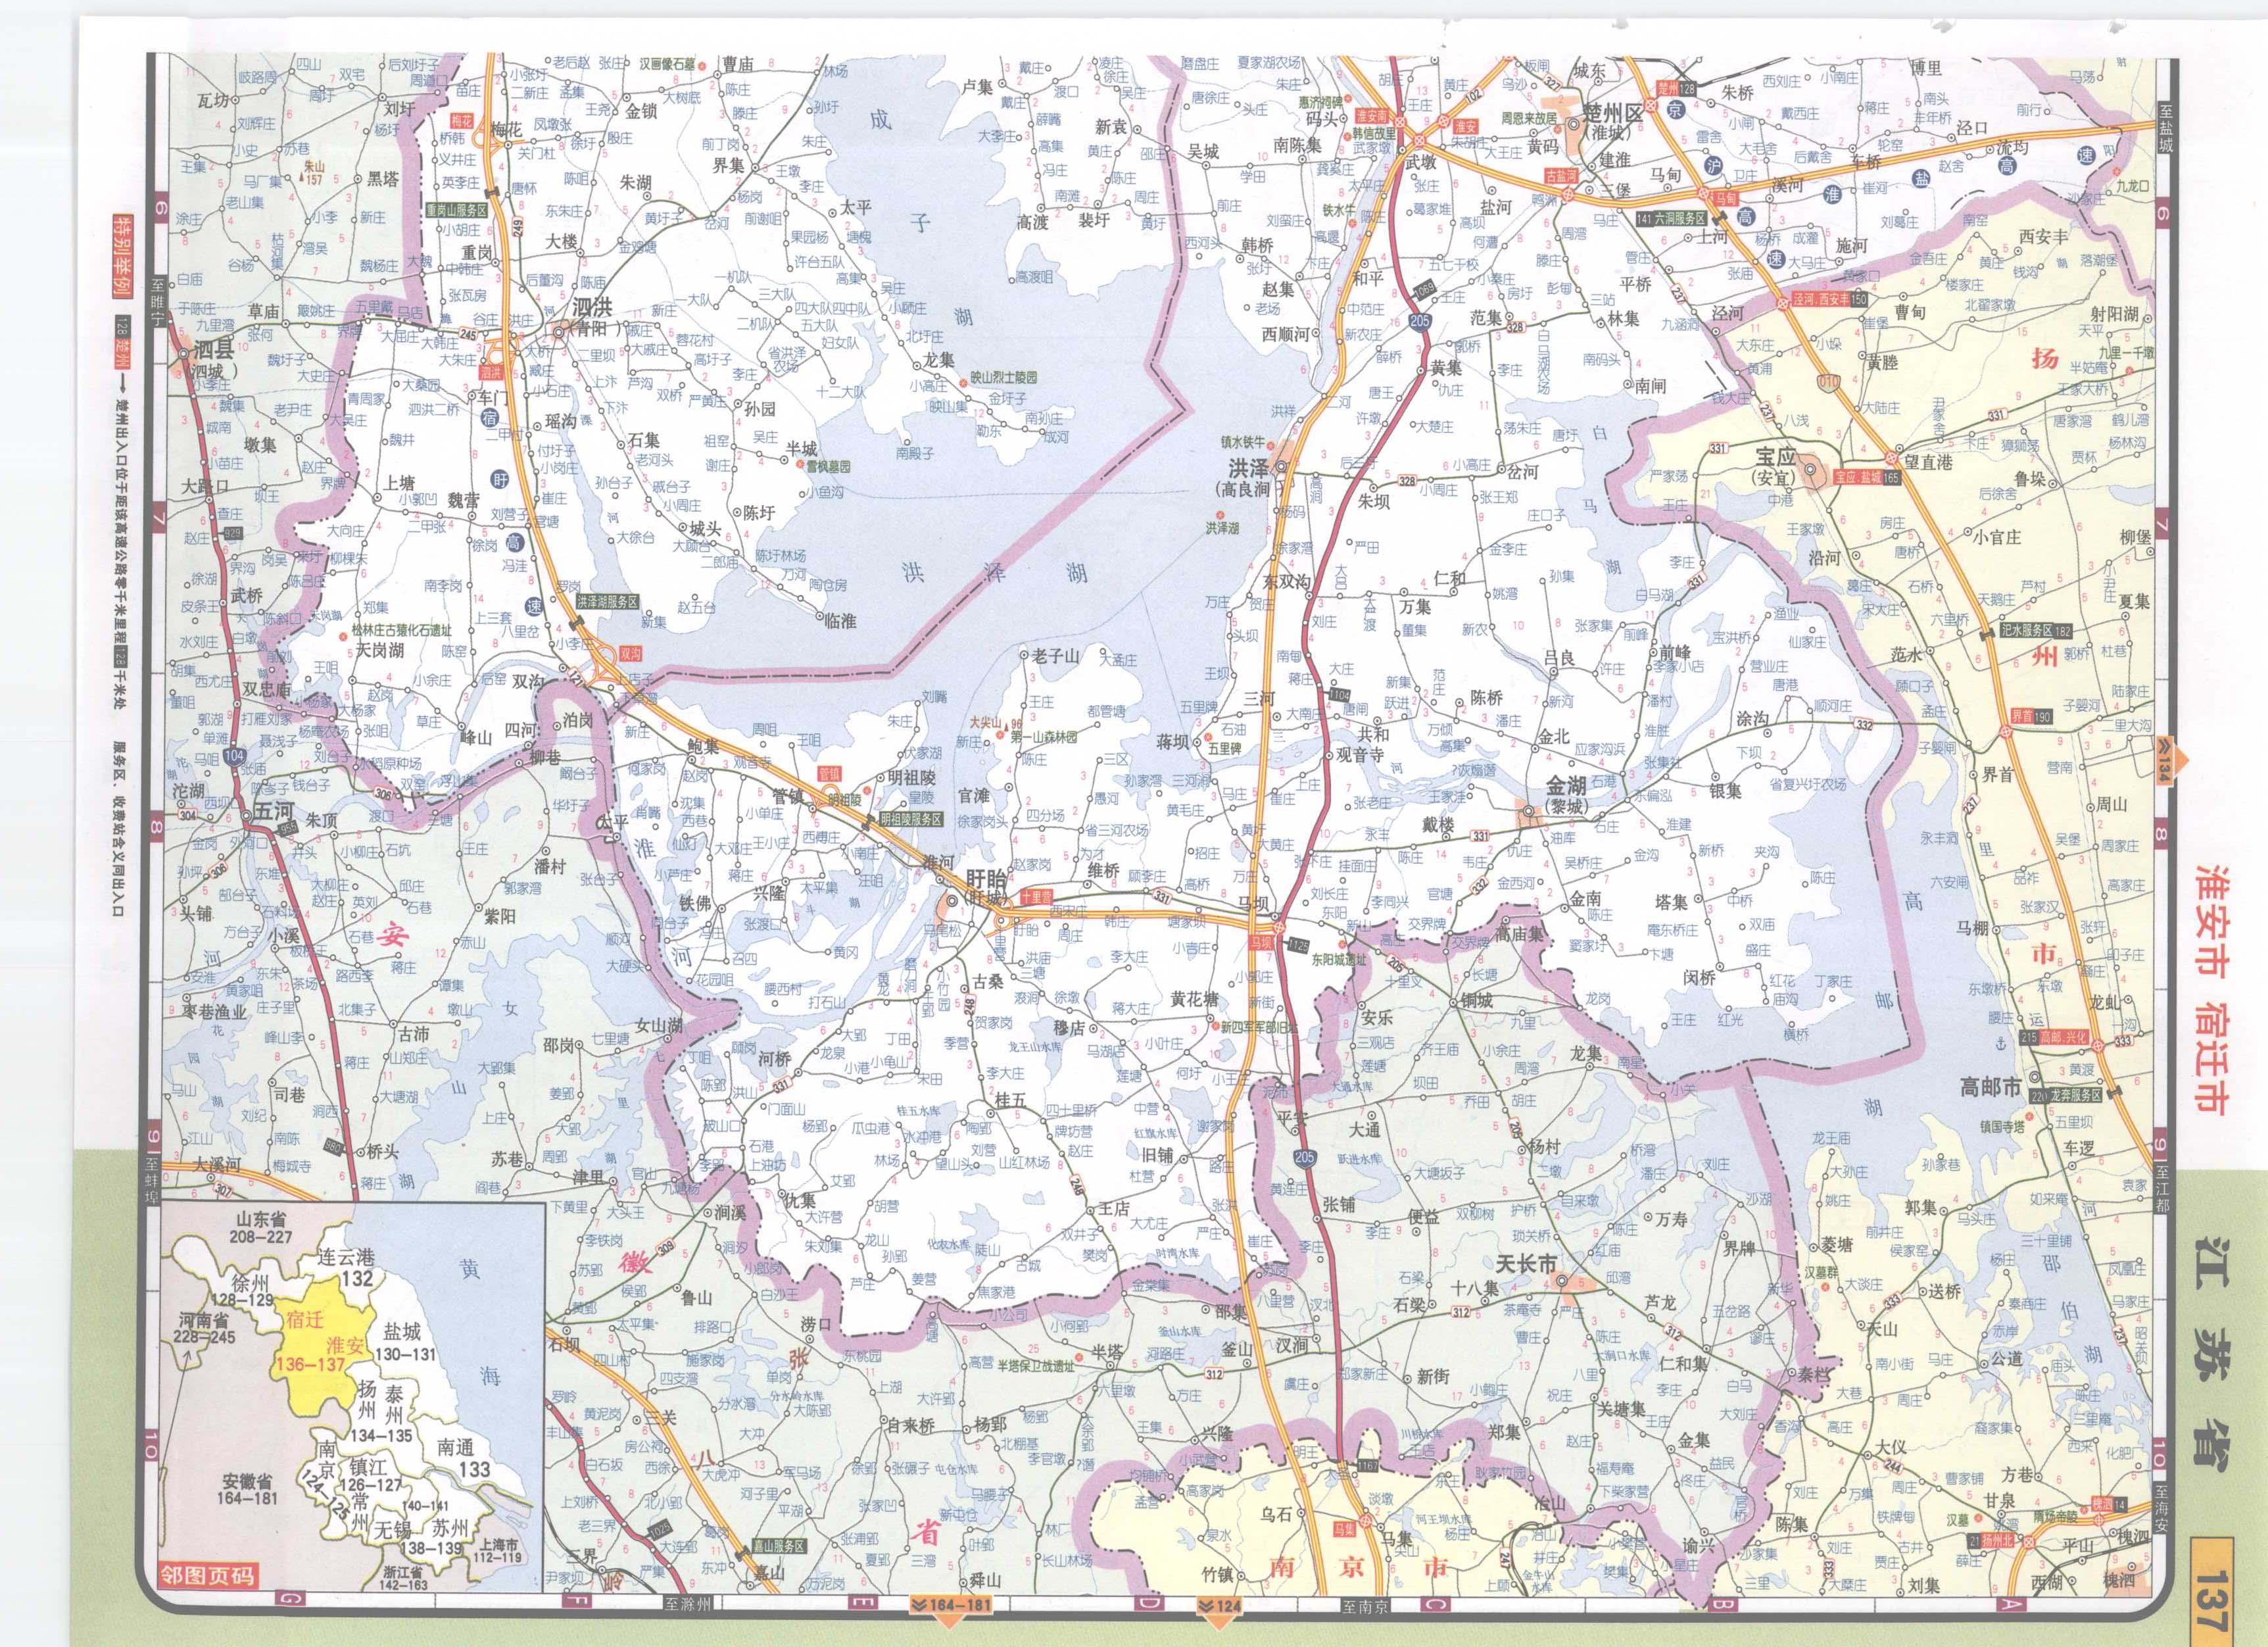 江苏省宿迁市地图; 江苏淮安地图; 淮安高铁线路图;